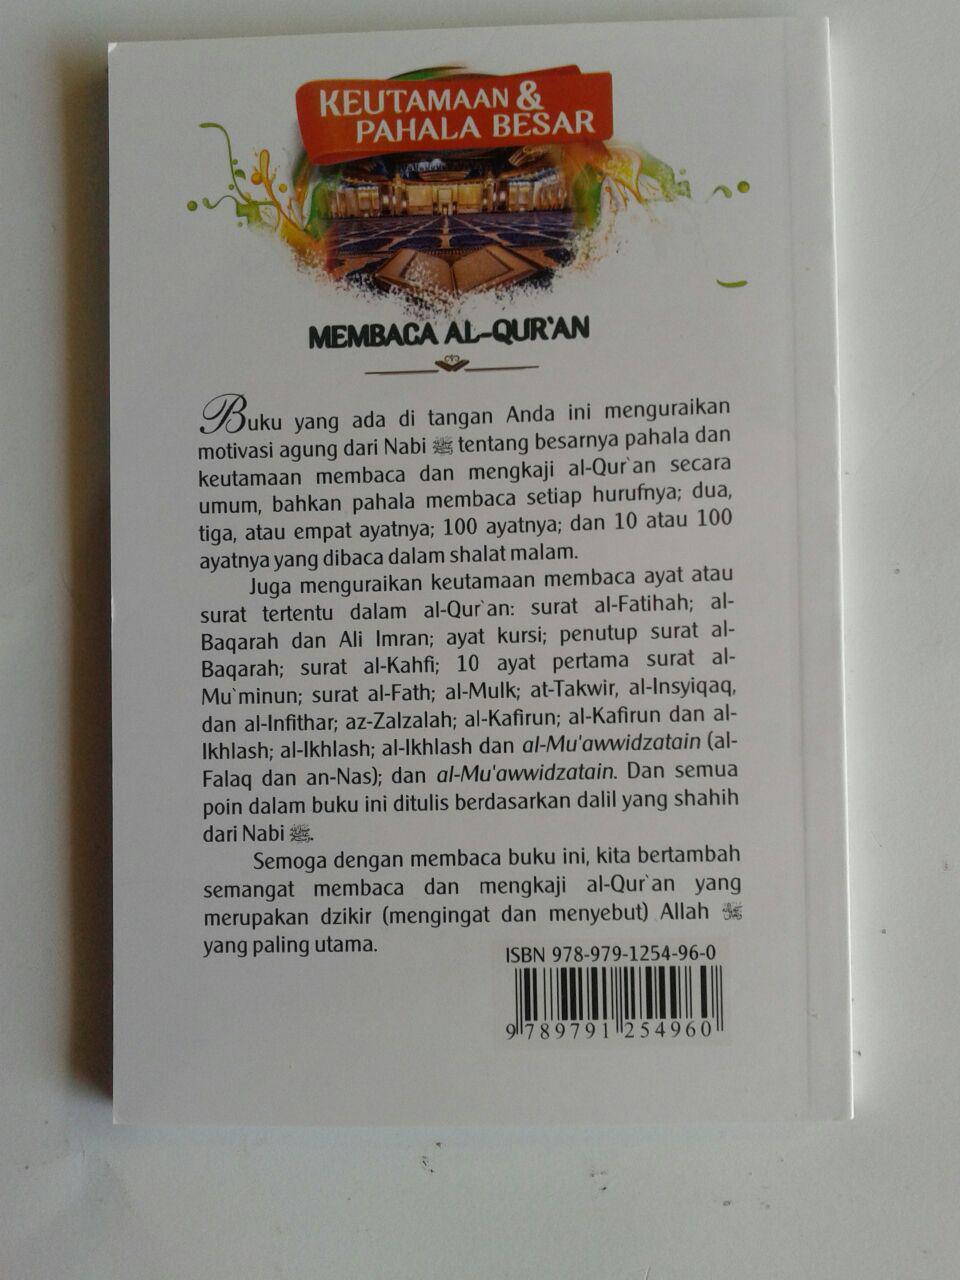 Buku Saku Keutamaan Dan Pahala Besar Membaca Al-Qur'an cover